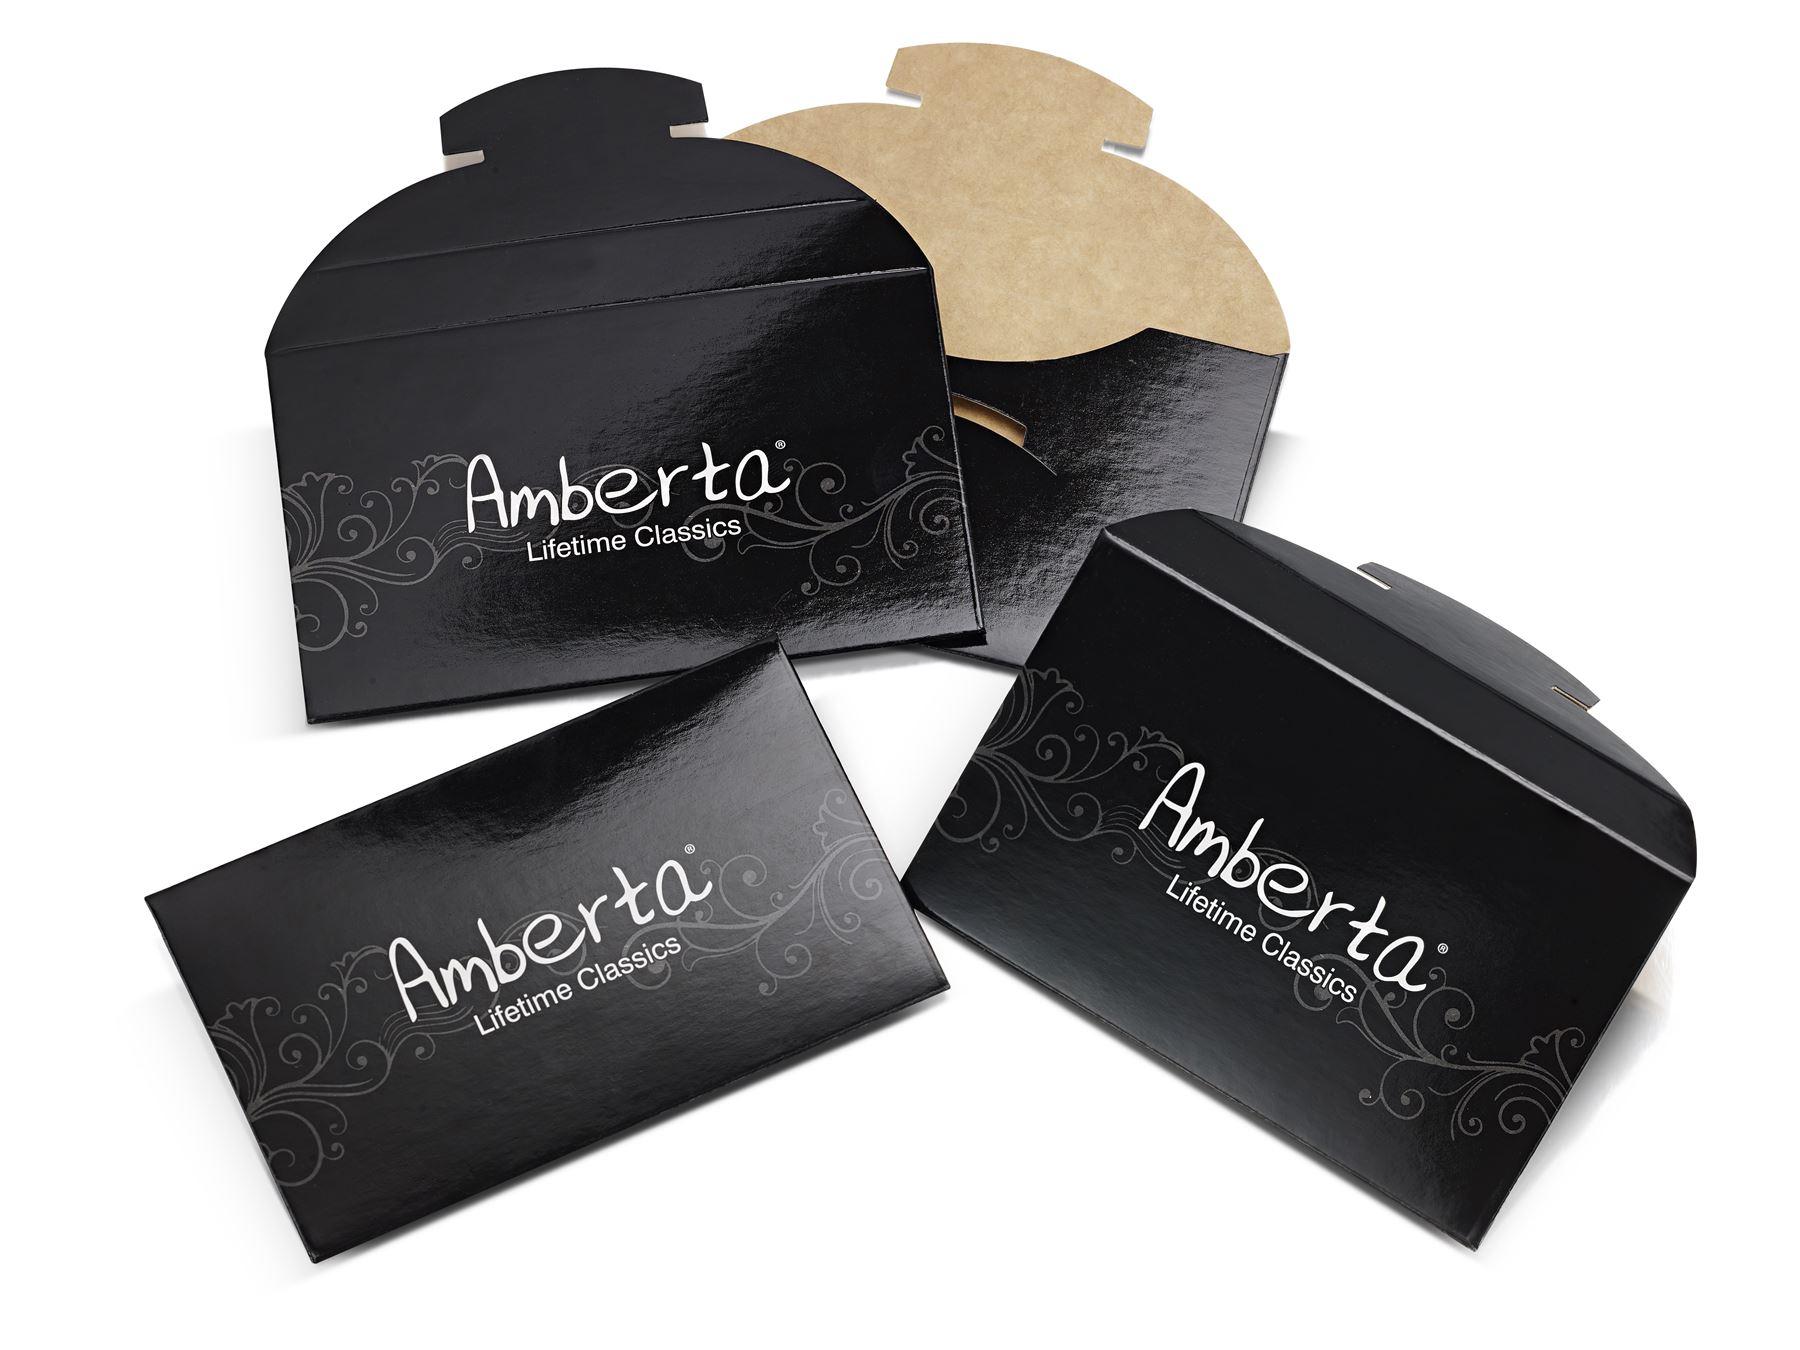 Amberta-Pendientes-para-Mujer-Aros-en-Plata-De-Ley-925-Autentica-Estilo-Clasico miniatura 24